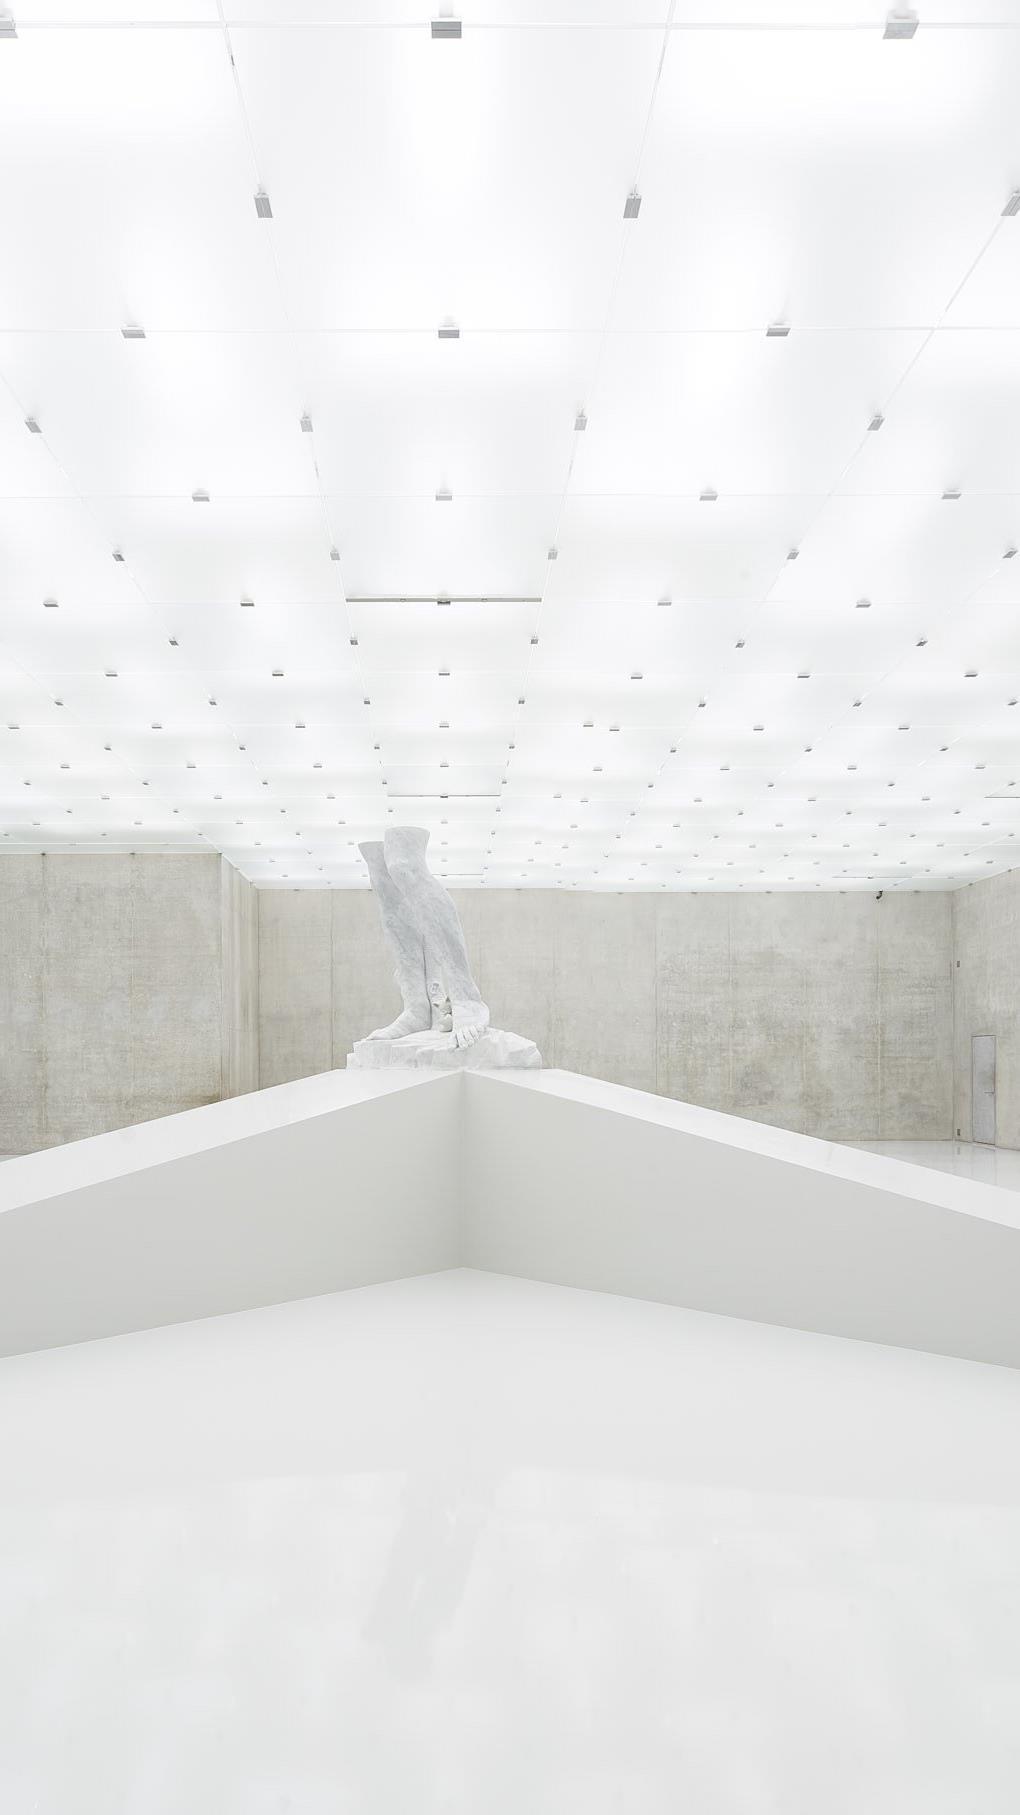 """Ausstellungsansicht der Ausstellung """"The Theater of Disappearance"""" von Adrian Villar Rojas im Kunsthaus Bregenz."""